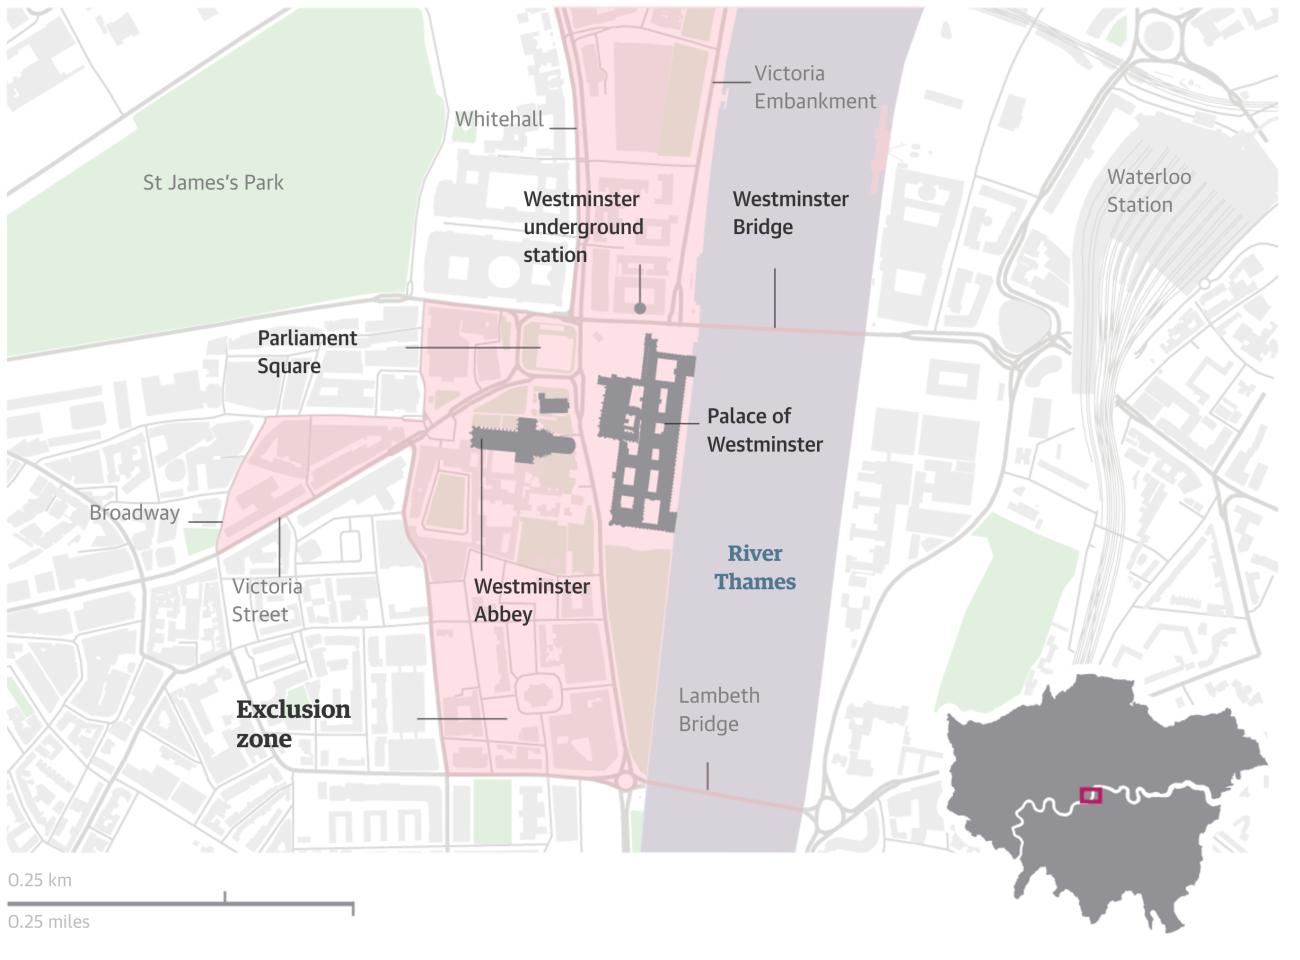 Ataque a Londres - guia visual 1